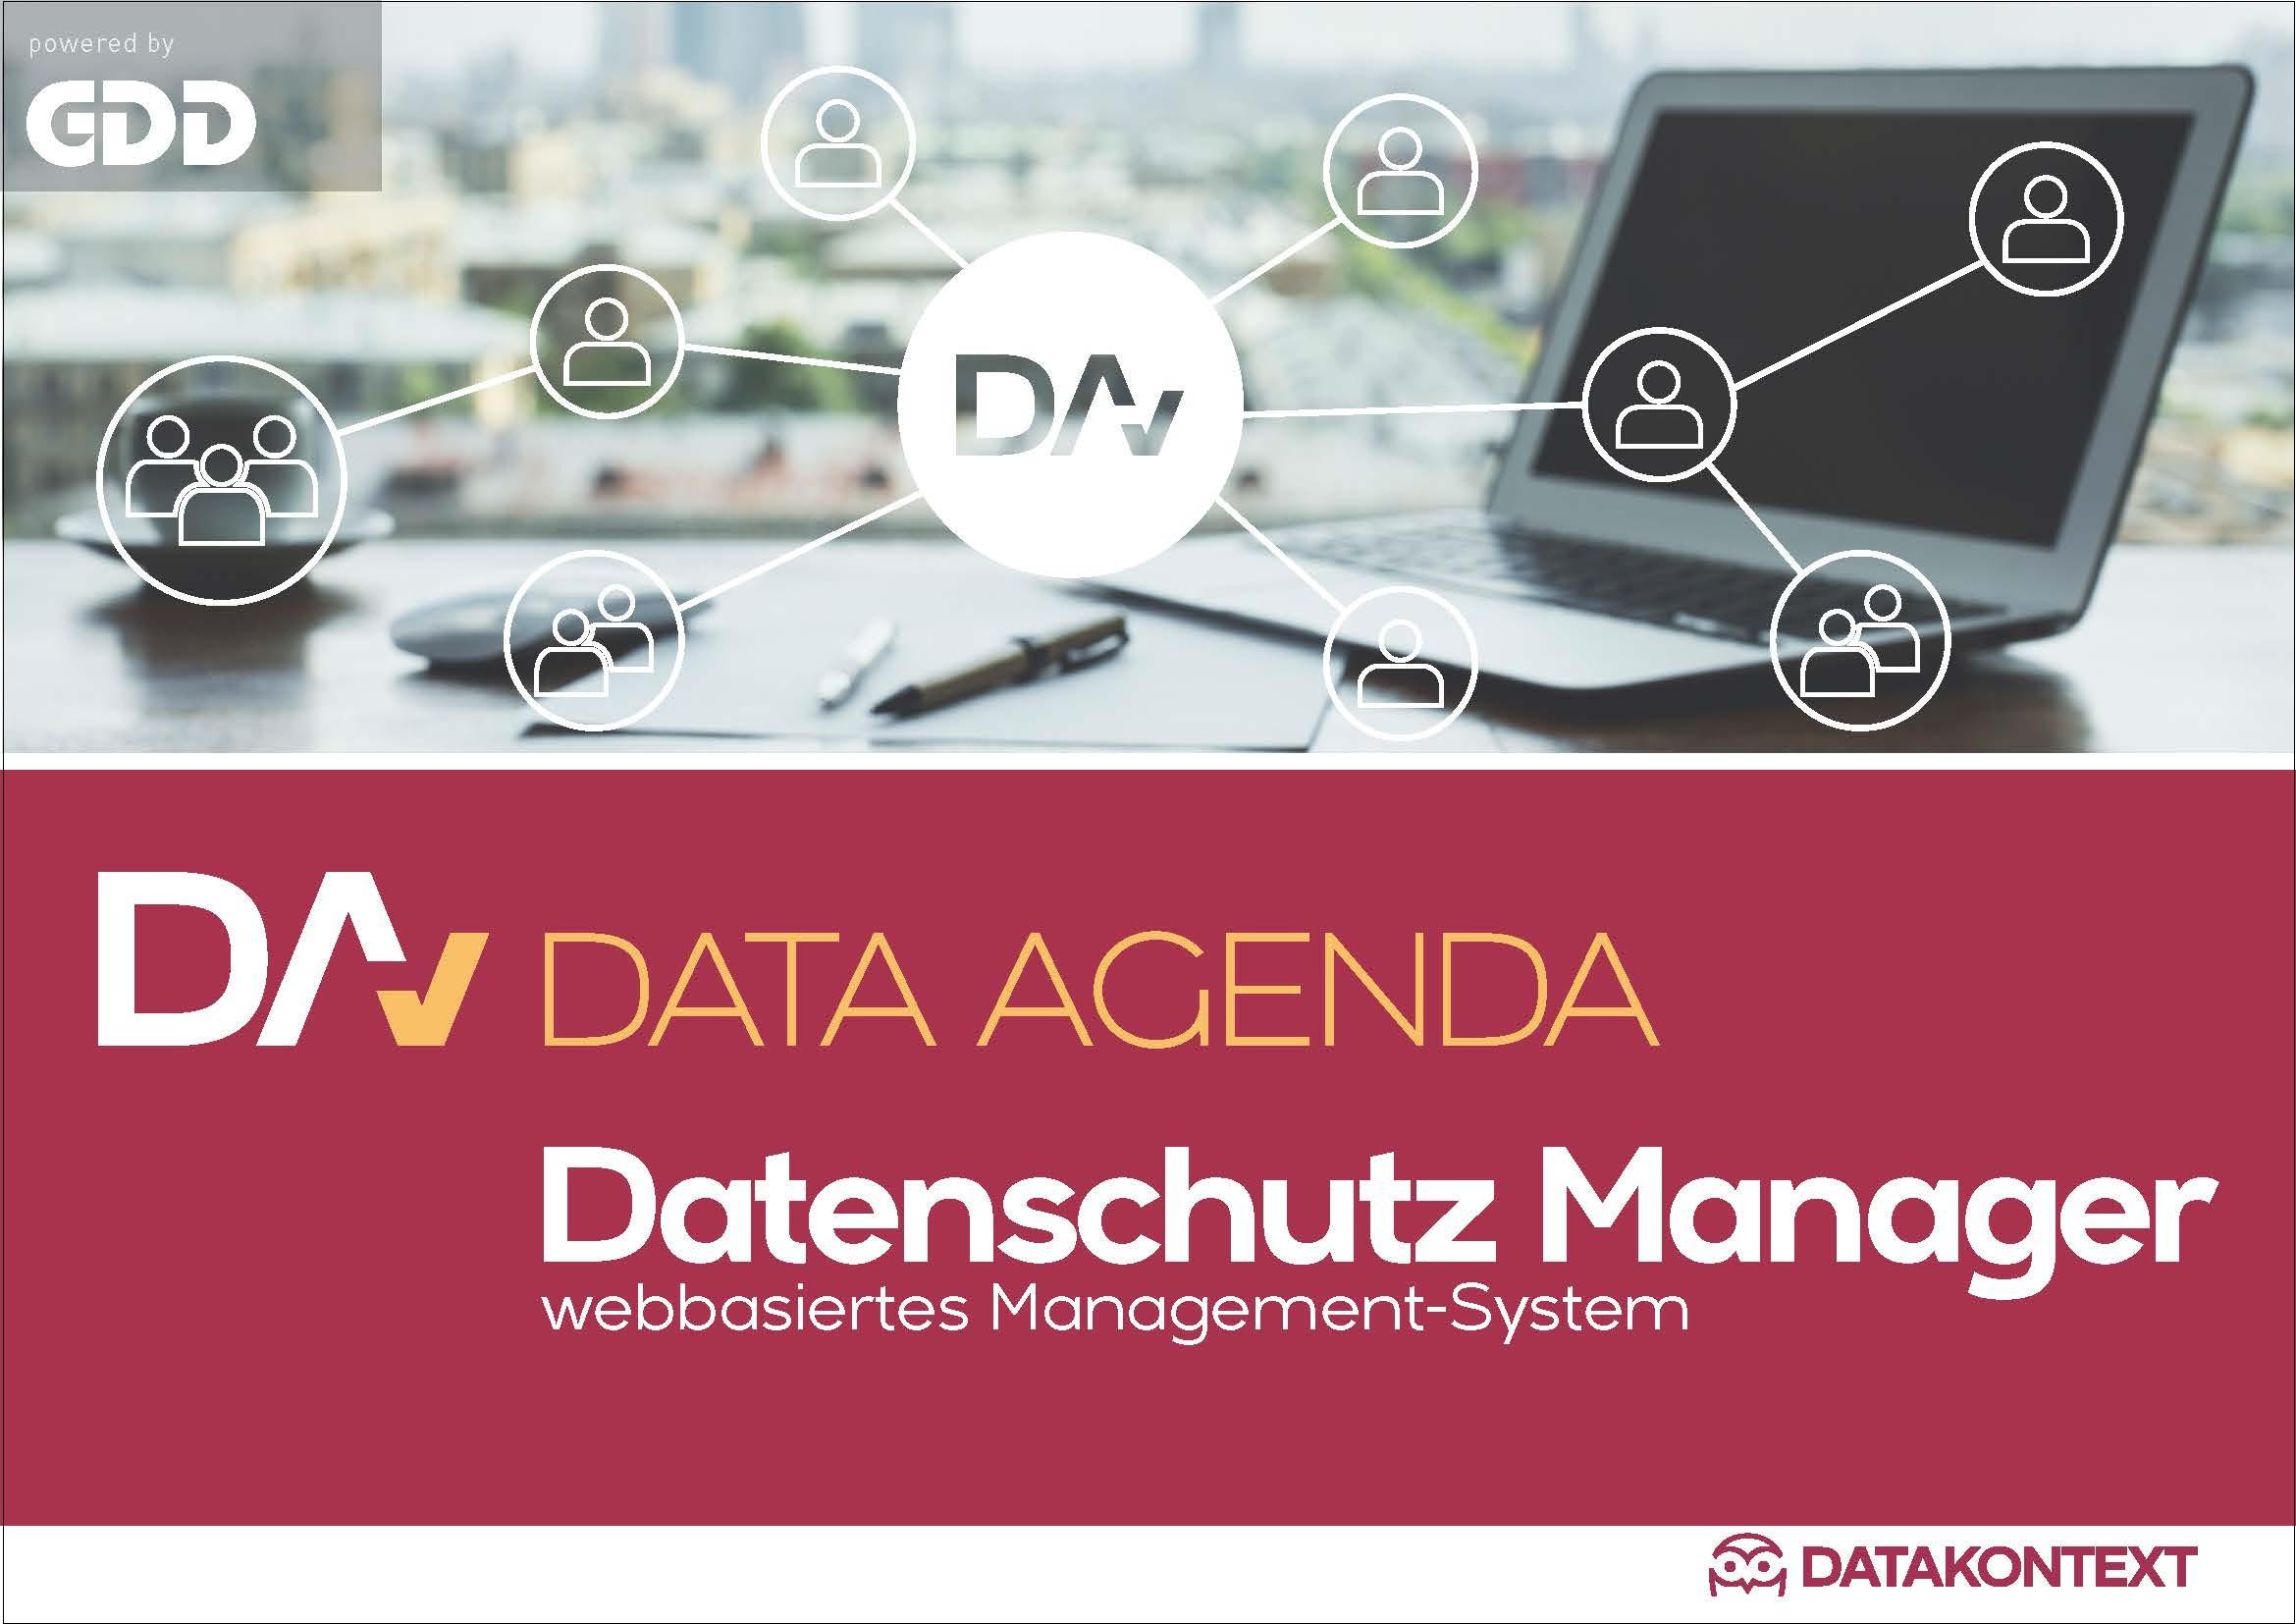 DataAgenda DatenschutzManager